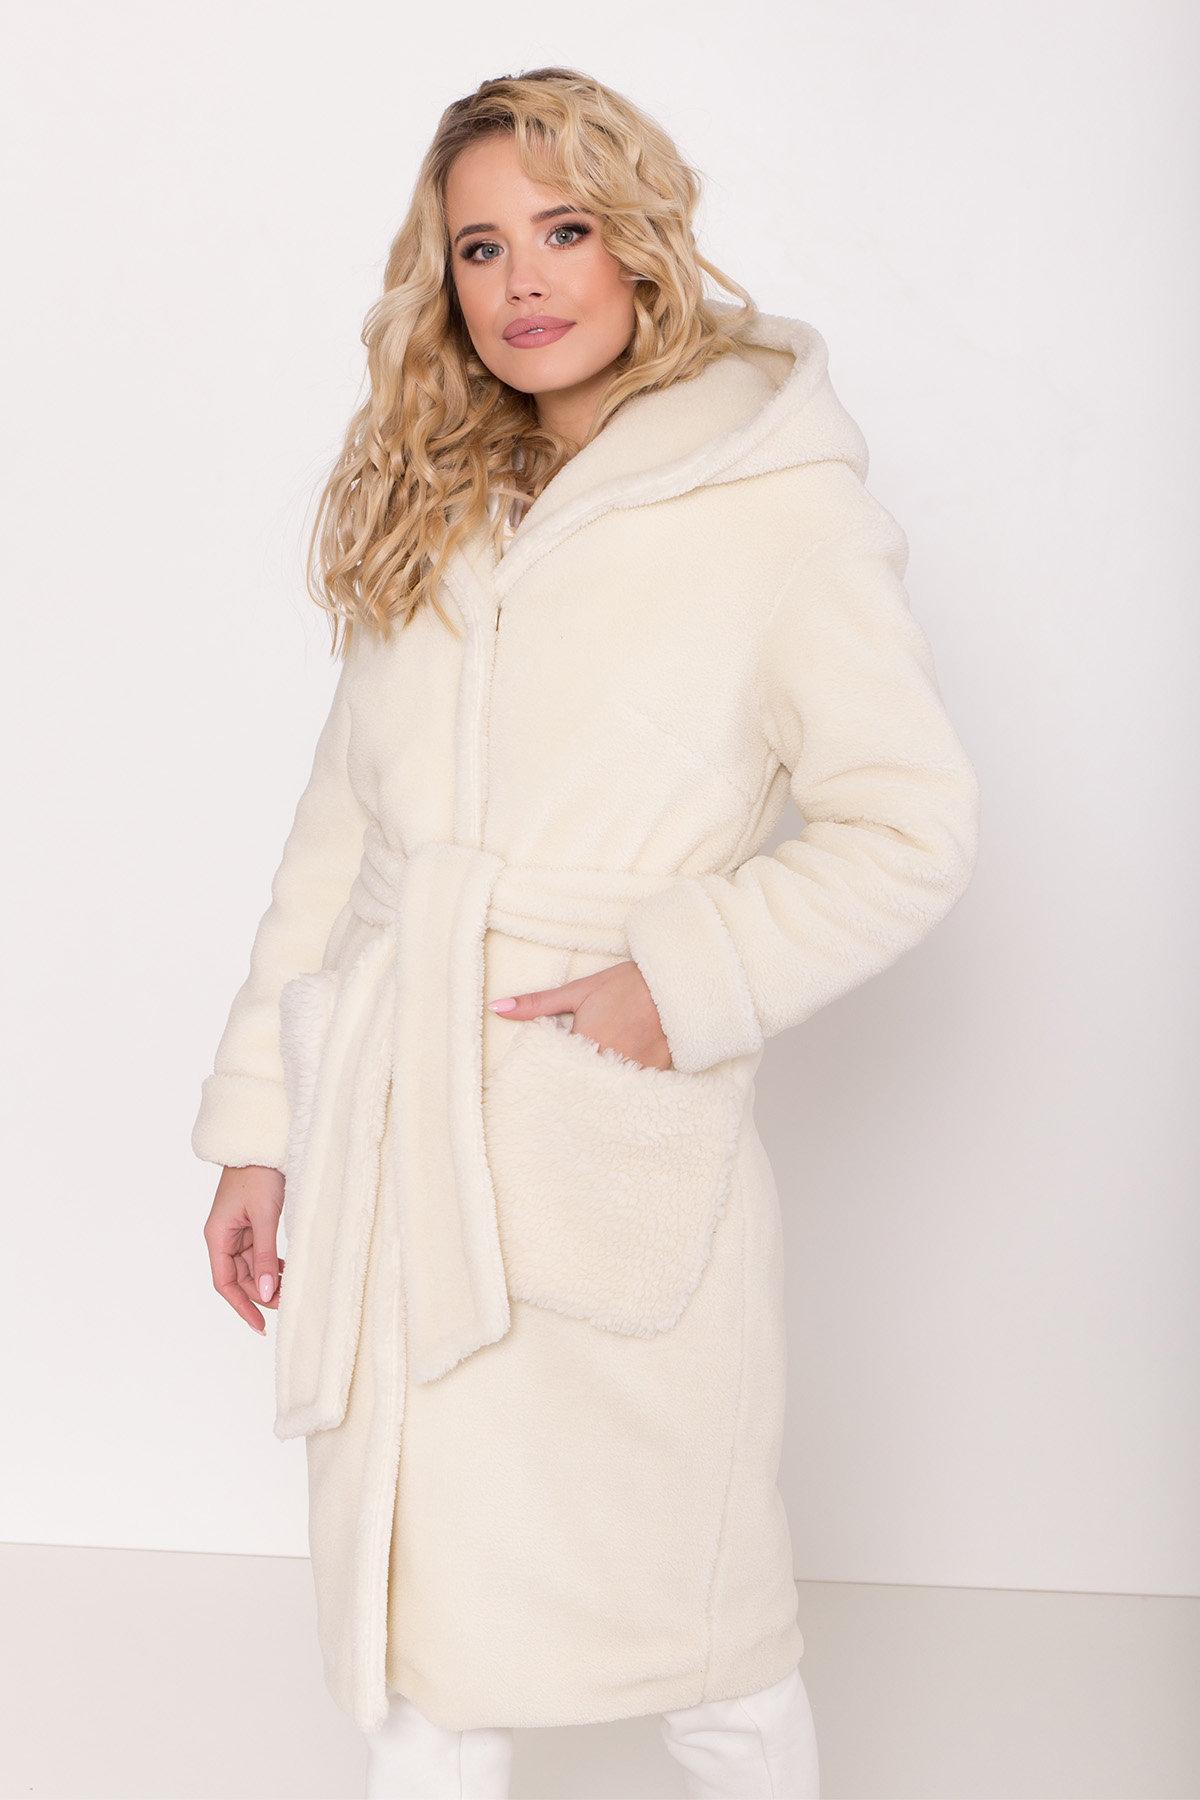 Пальто из искусственного меха Анита 8197 АРТ. 44955 Цвет: Молоко - фото 10, интернет магазин tm-modus.ru